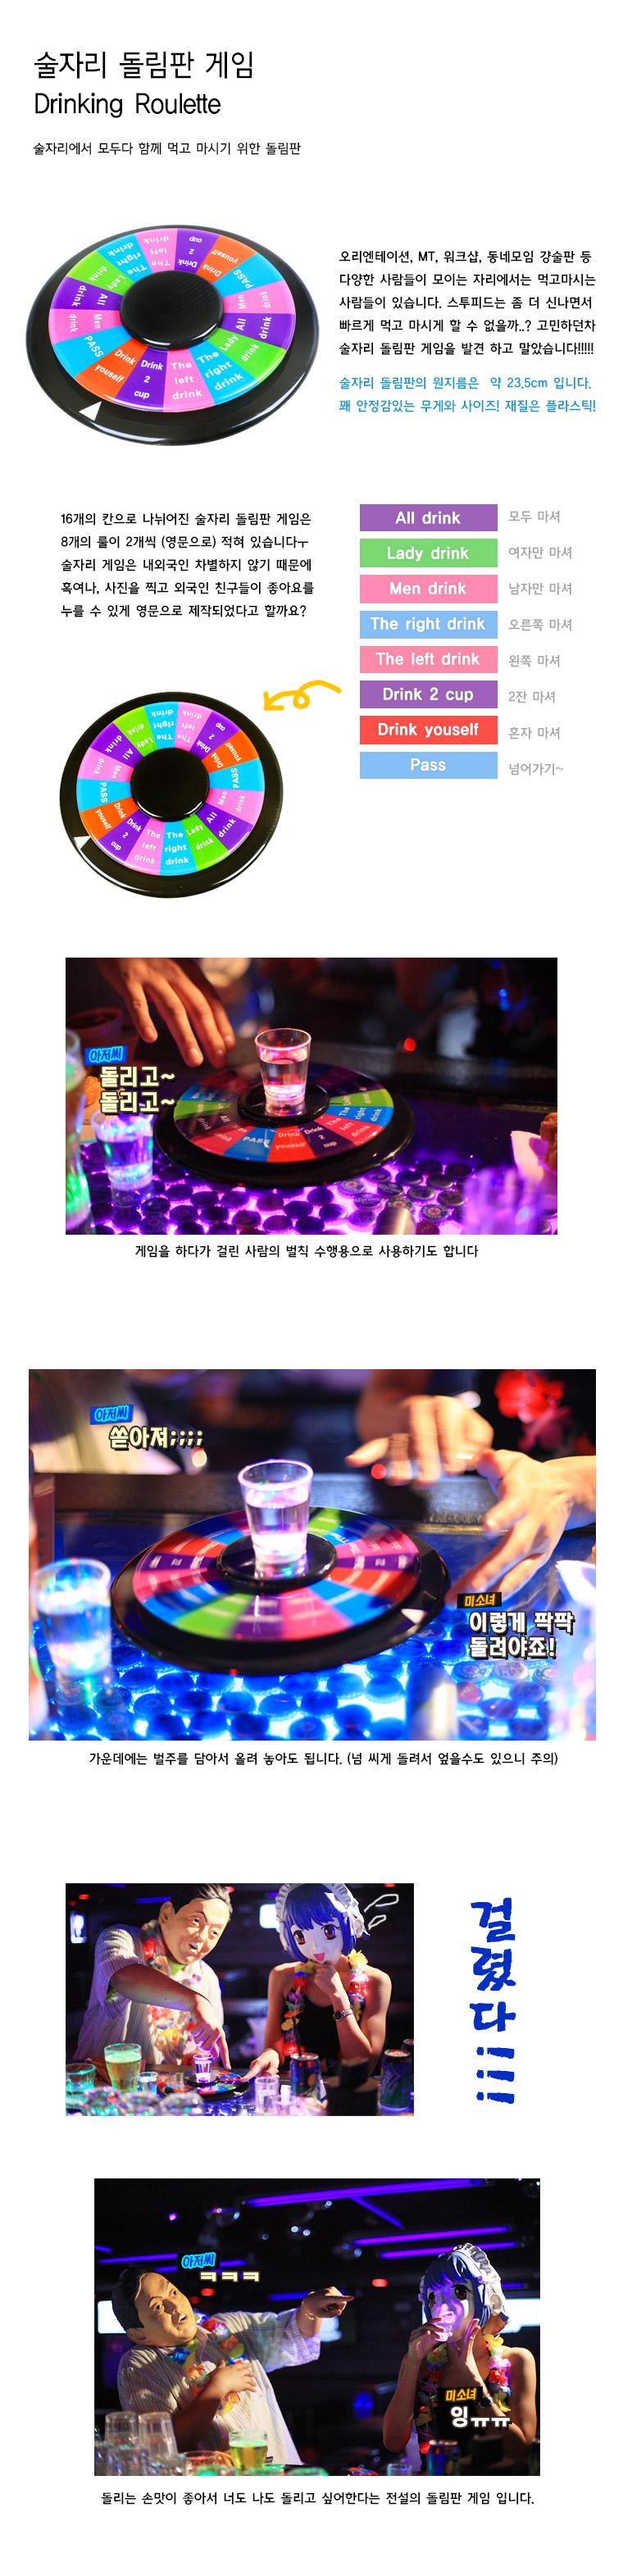 술자리 돌림판 게임 - 스투피드, 18,000원, 파티용품, 펀/놀이용품